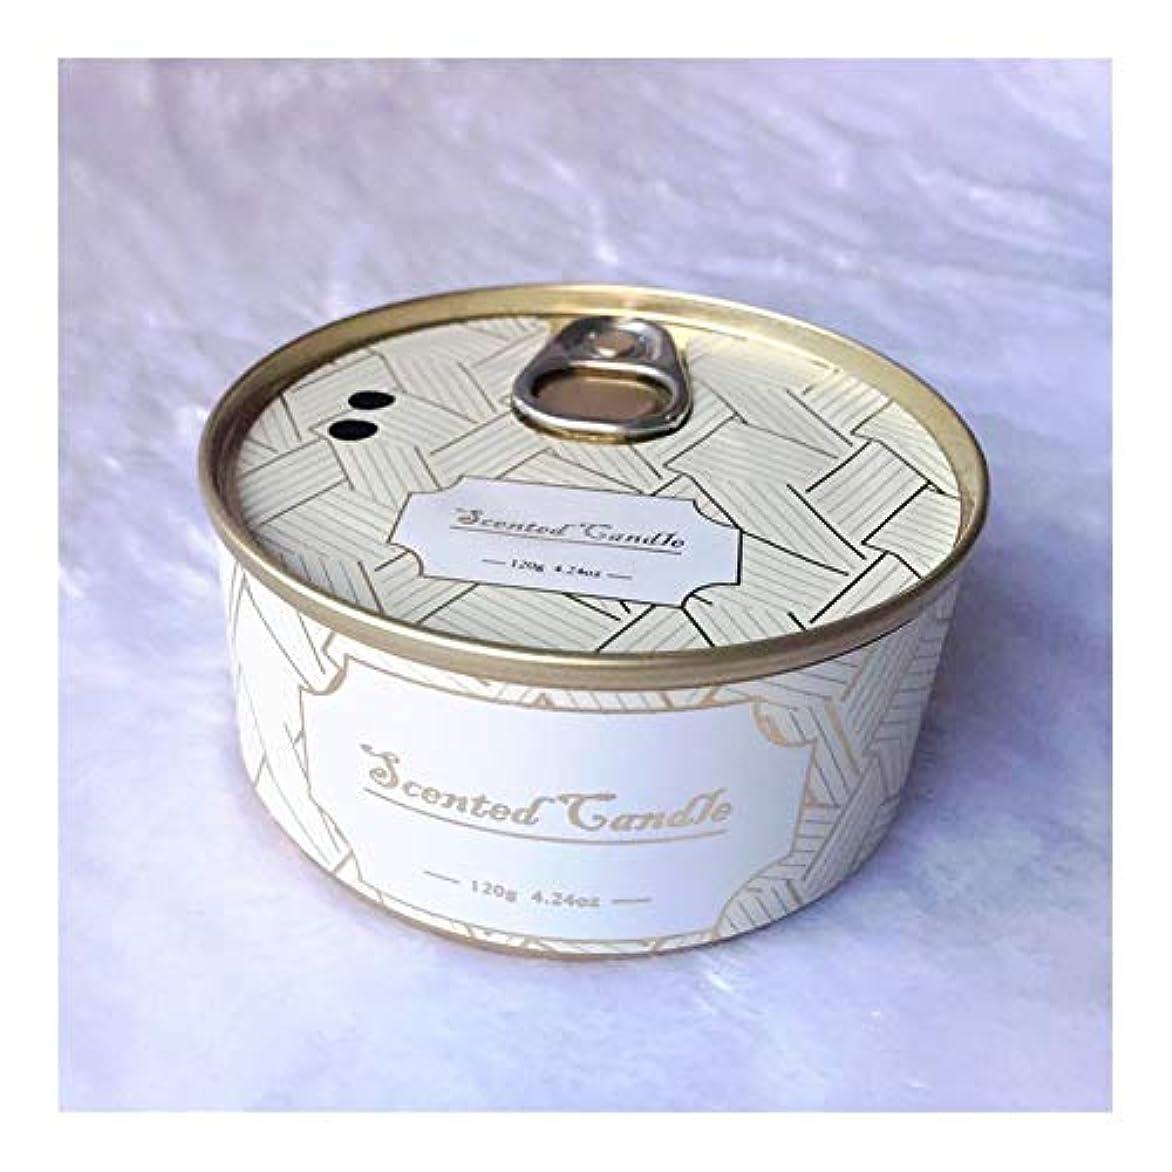 奨励嬉しいです混合したGuomao ブリキ缶植物エッセンシャルオイル大豆ワックスジュニパーラベンダーの香りのキャンドル (色 : Lavender)